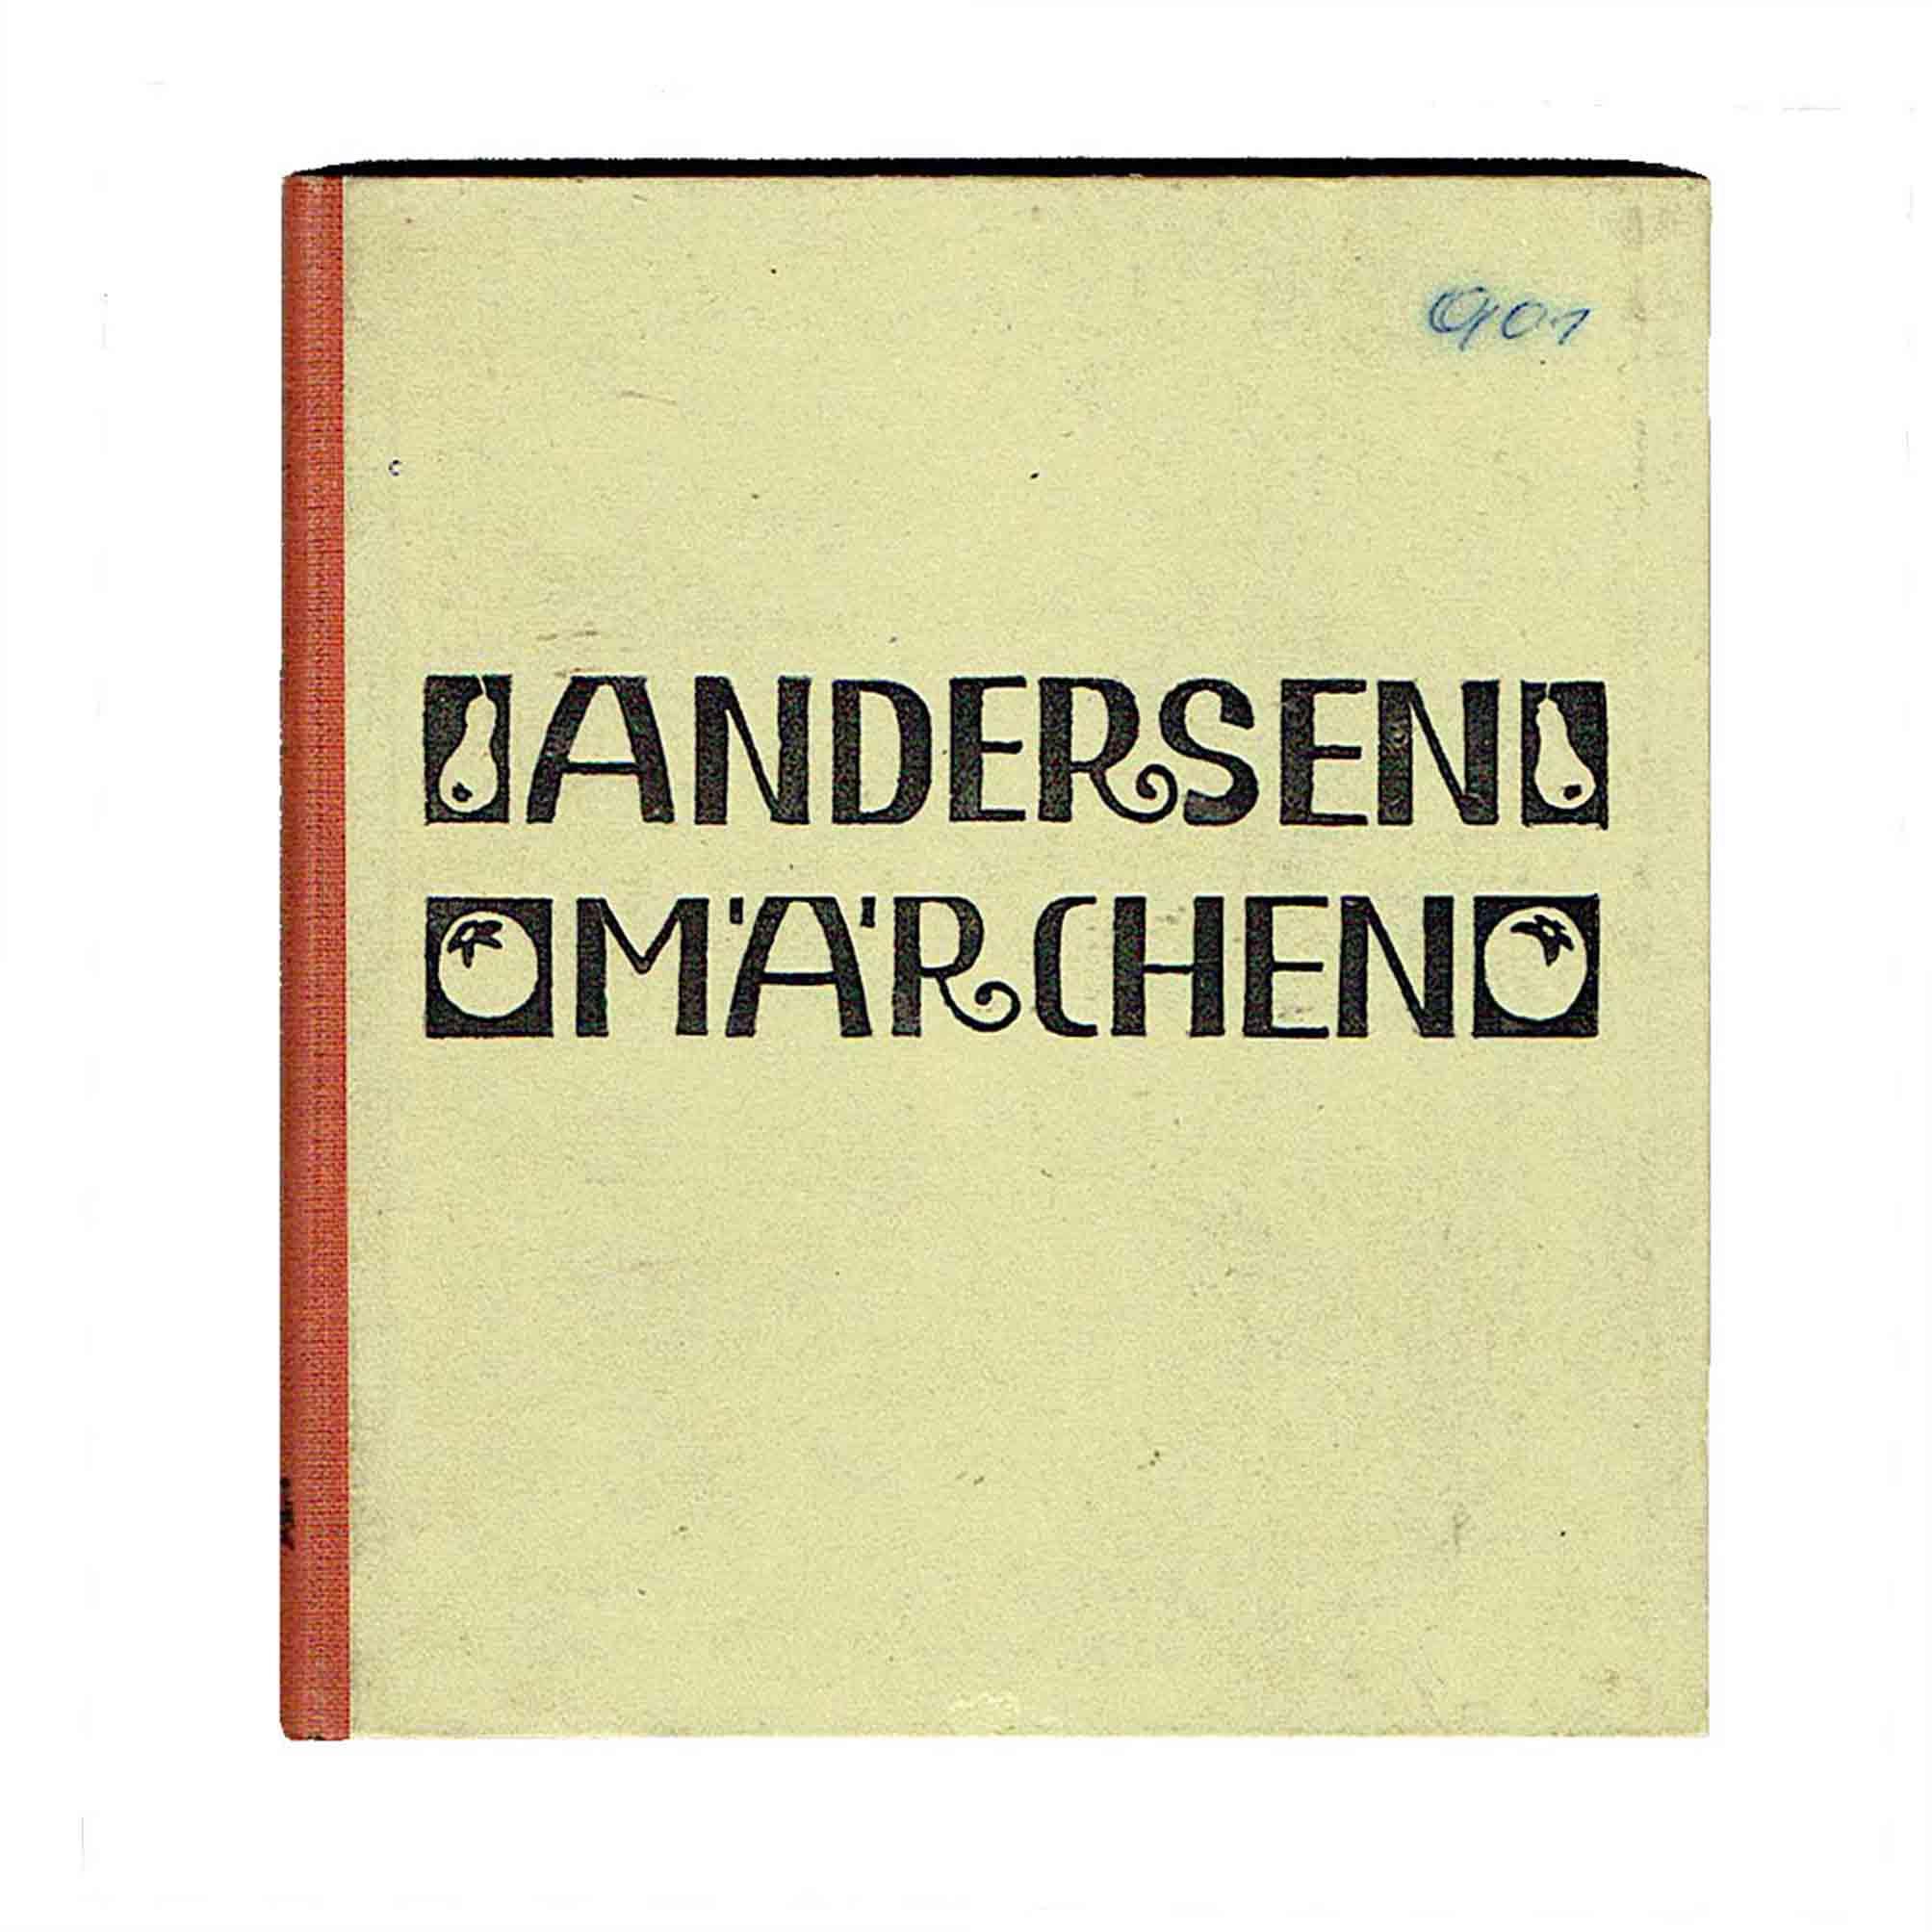 Andersen-Maerchen-Gerlach-34-1920-Einband-frei-N.jpg